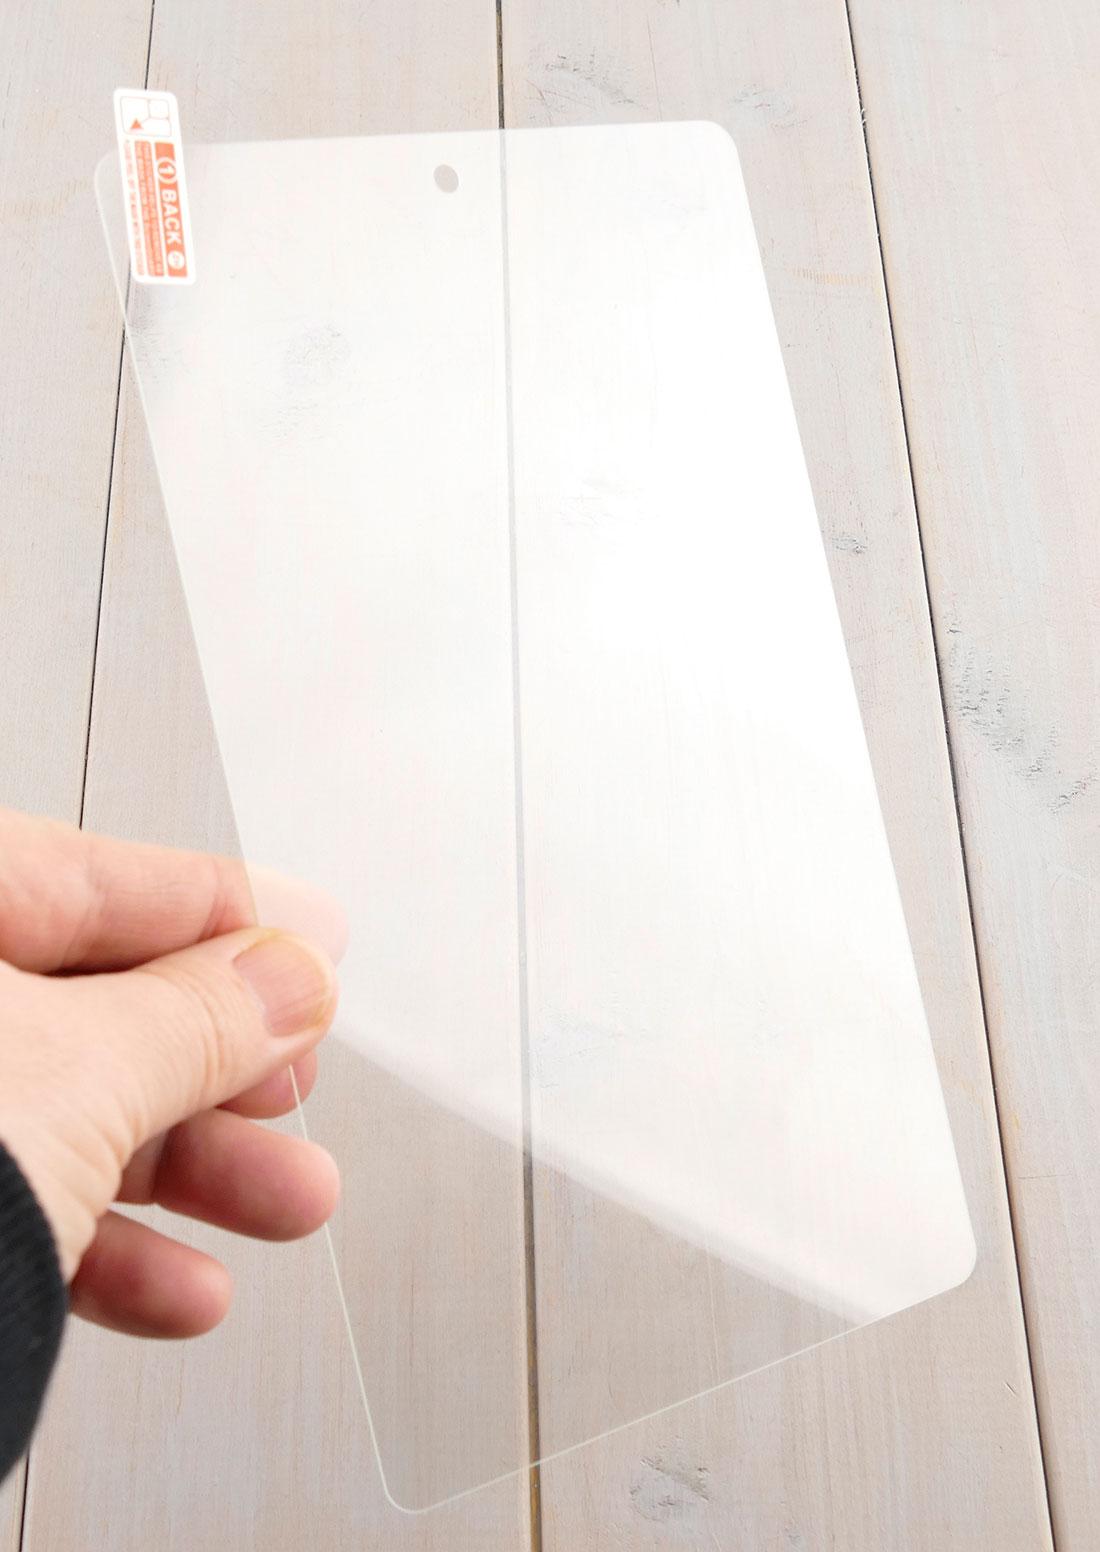 Szkło hartowane w dłoniach - Huawei M5 Lite 8 / Huawei C5 8.0